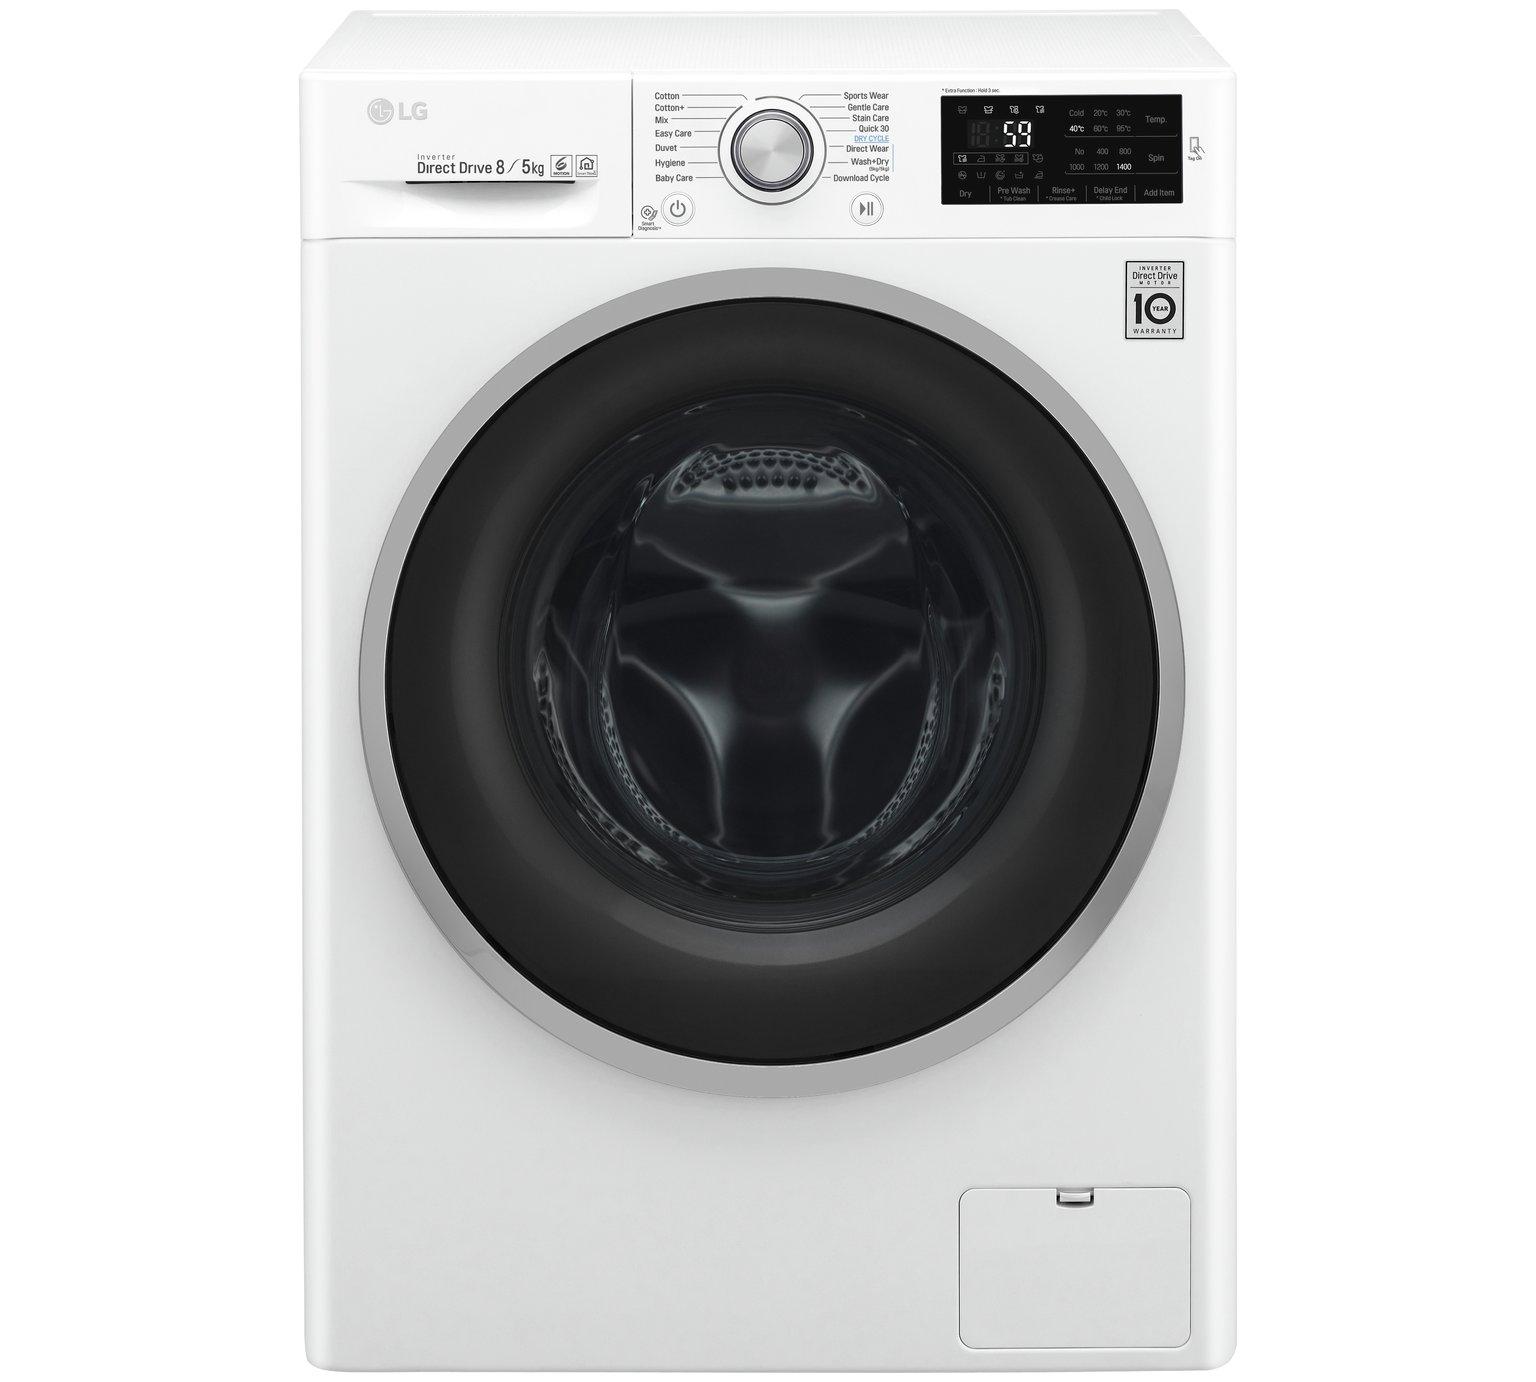 LG F4J6TM1W 8KG / 5KG 1400 Spin Washer Dryer - White by LG 724/1697